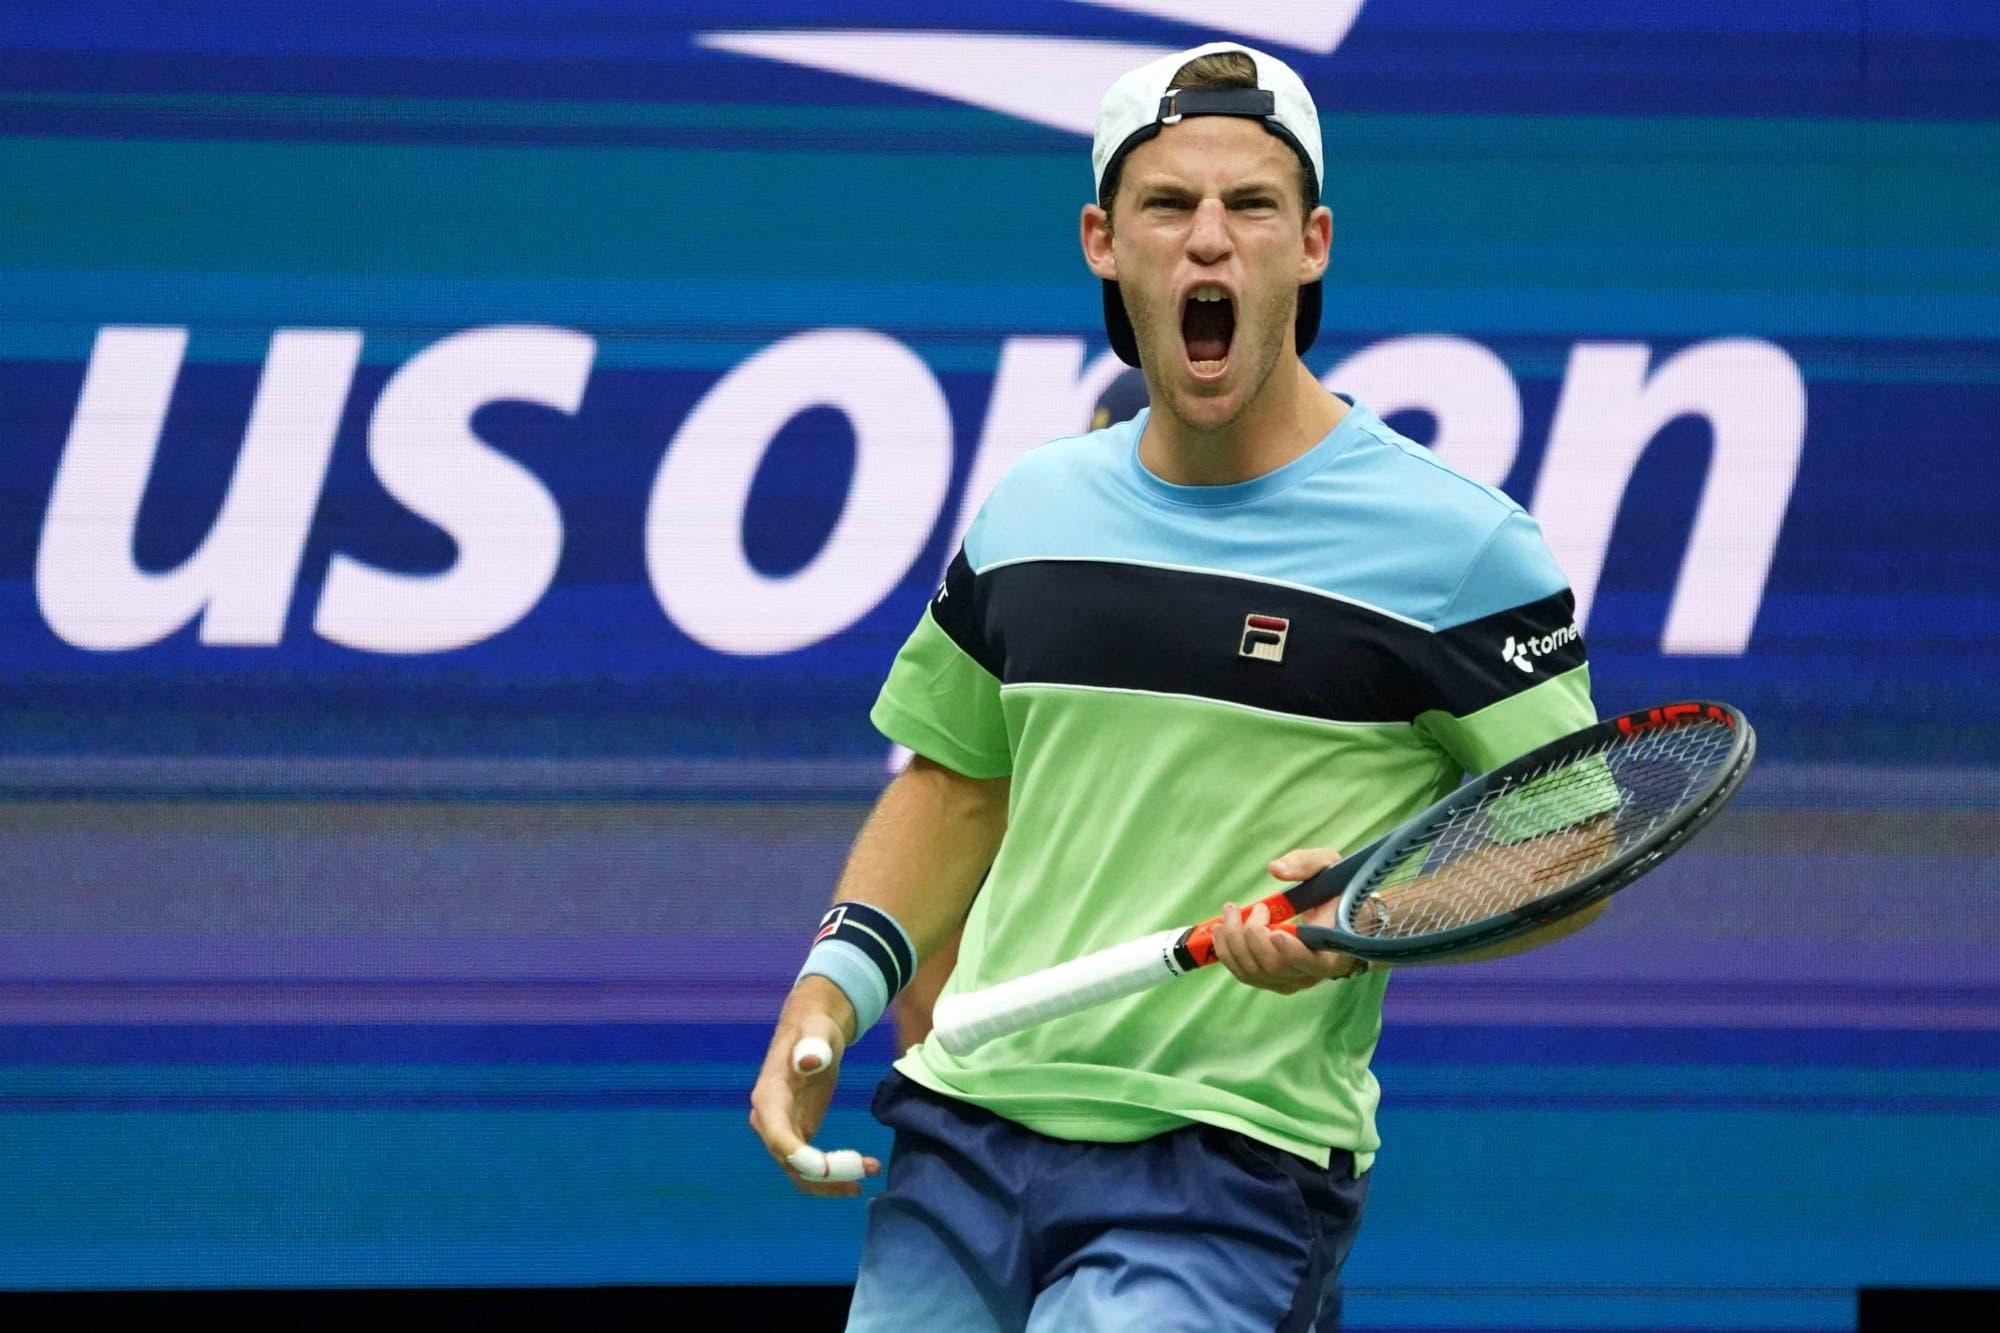 Diego Schwartzman-Alexander Zverev: el argentino pasó a los cuartos de final del US Open con una gran victoria